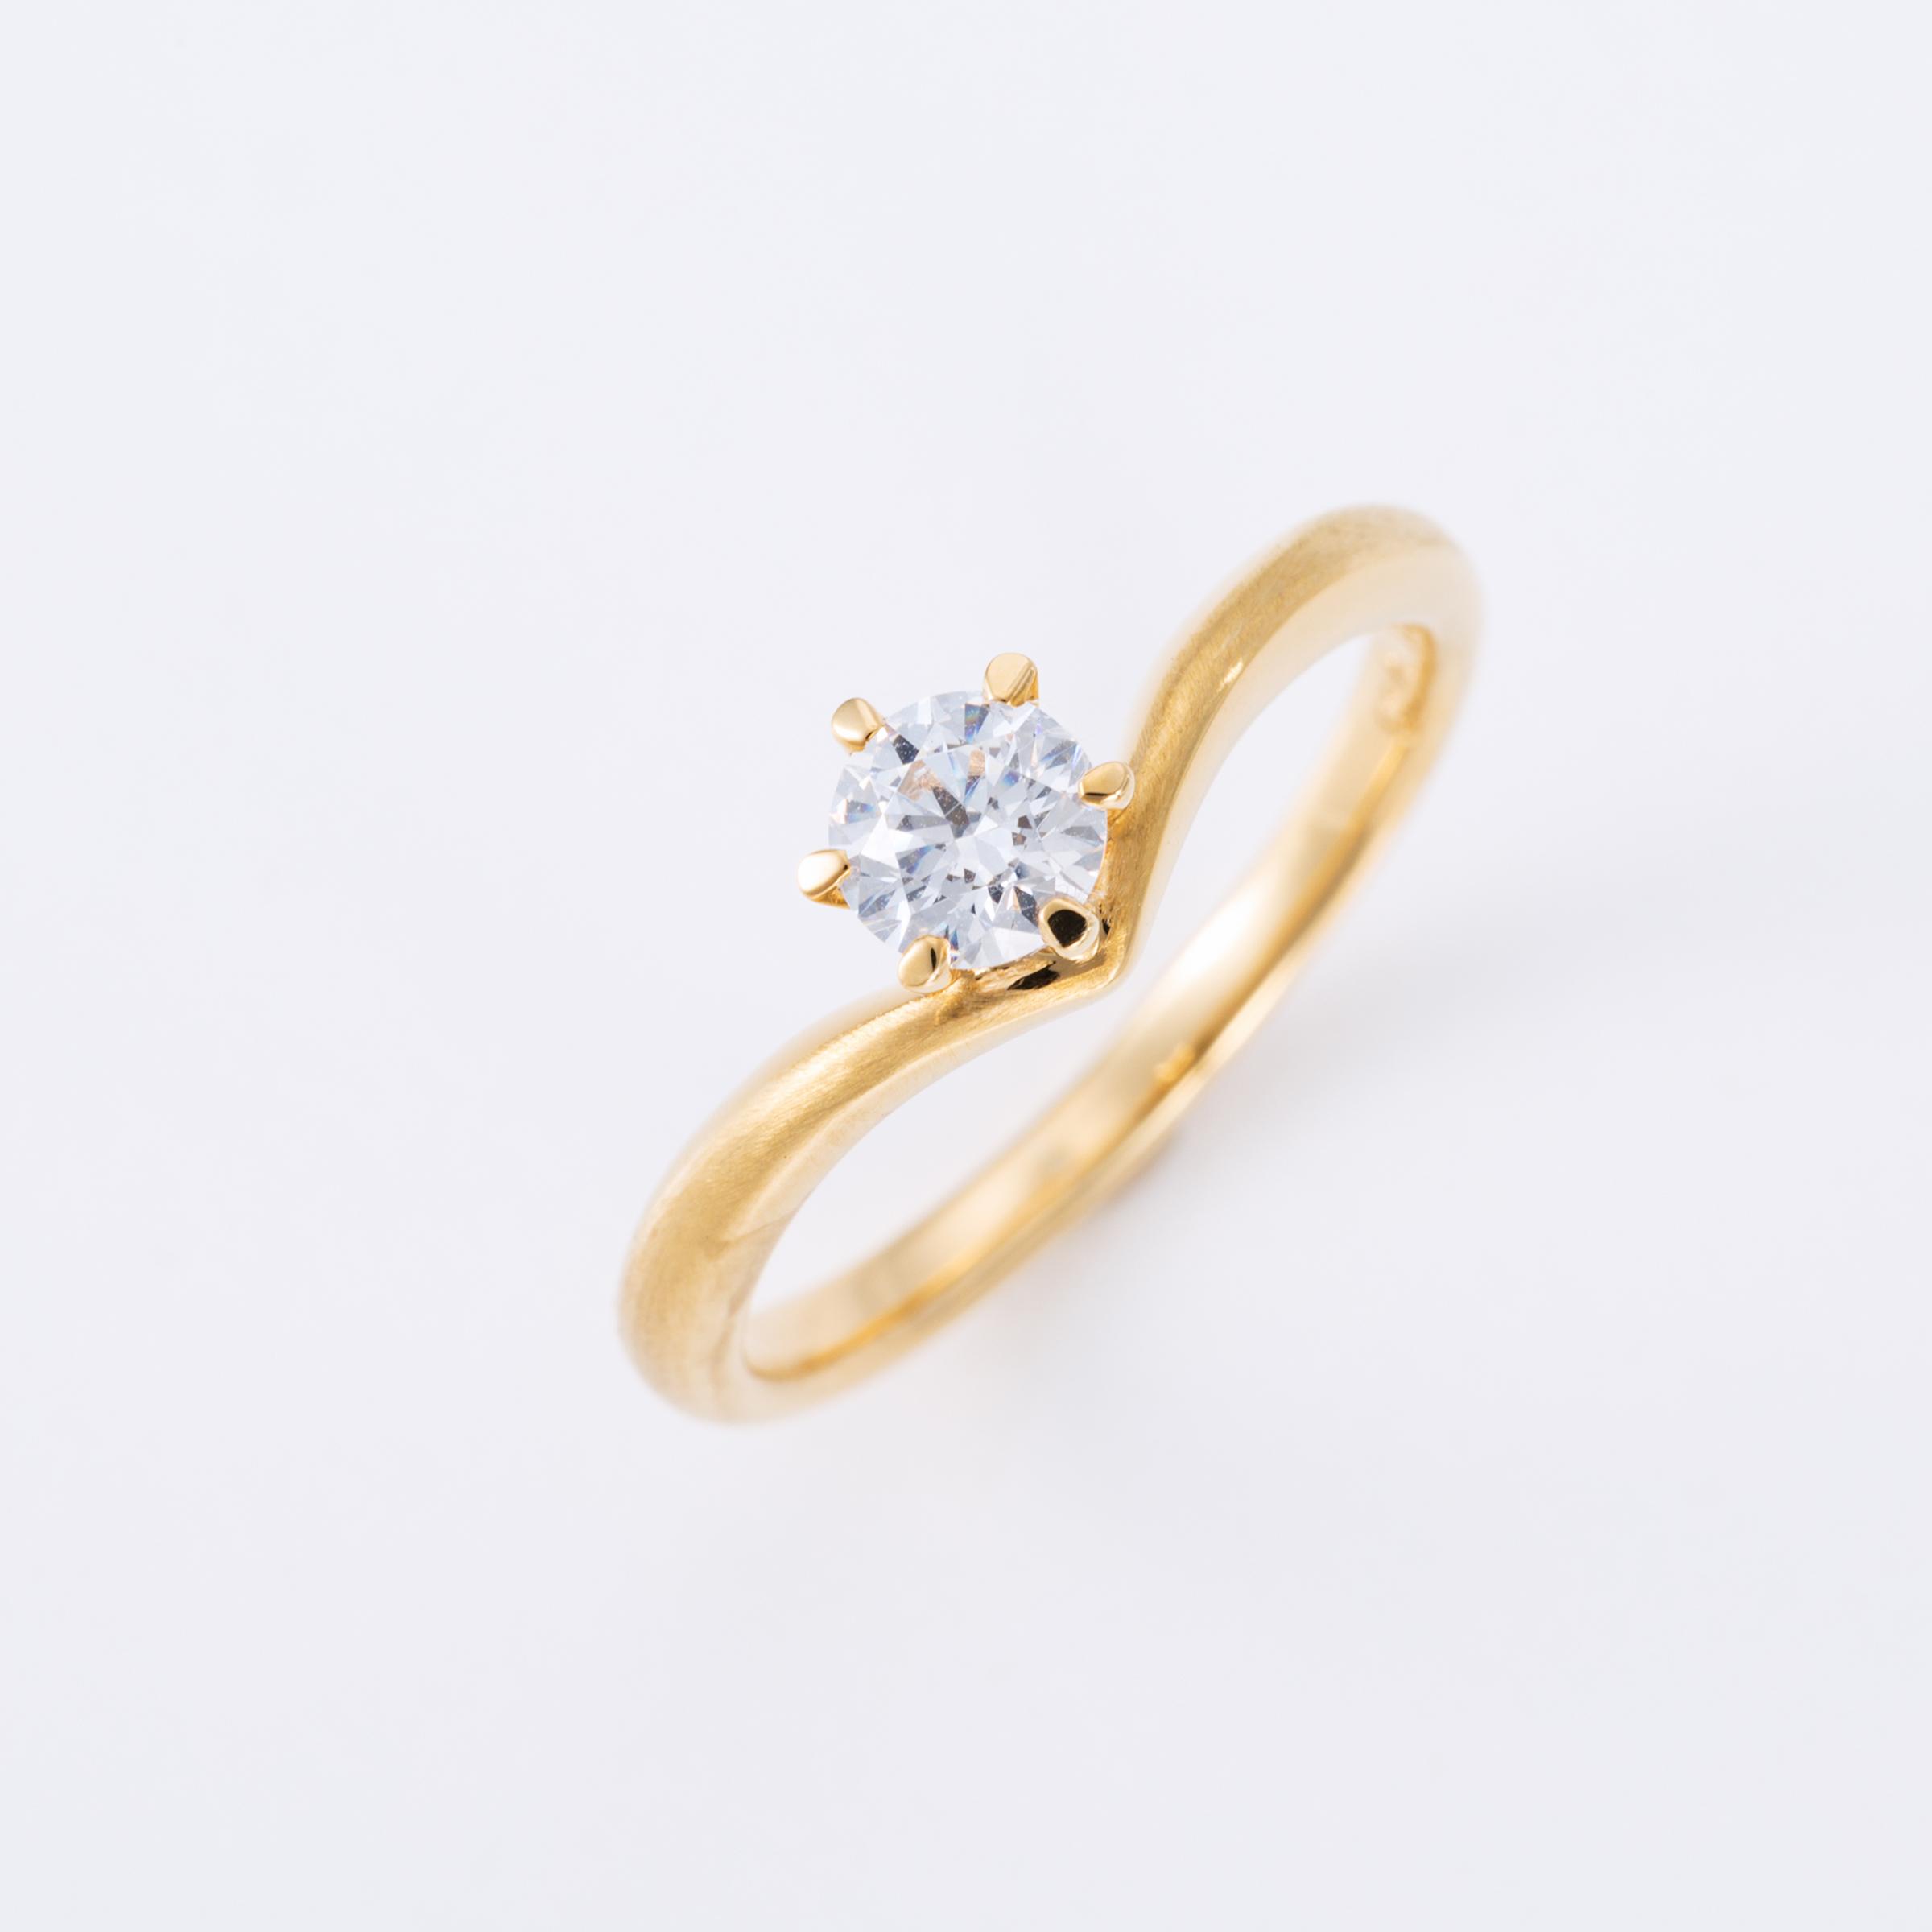 ダイヤモンド「鑑定機関について」